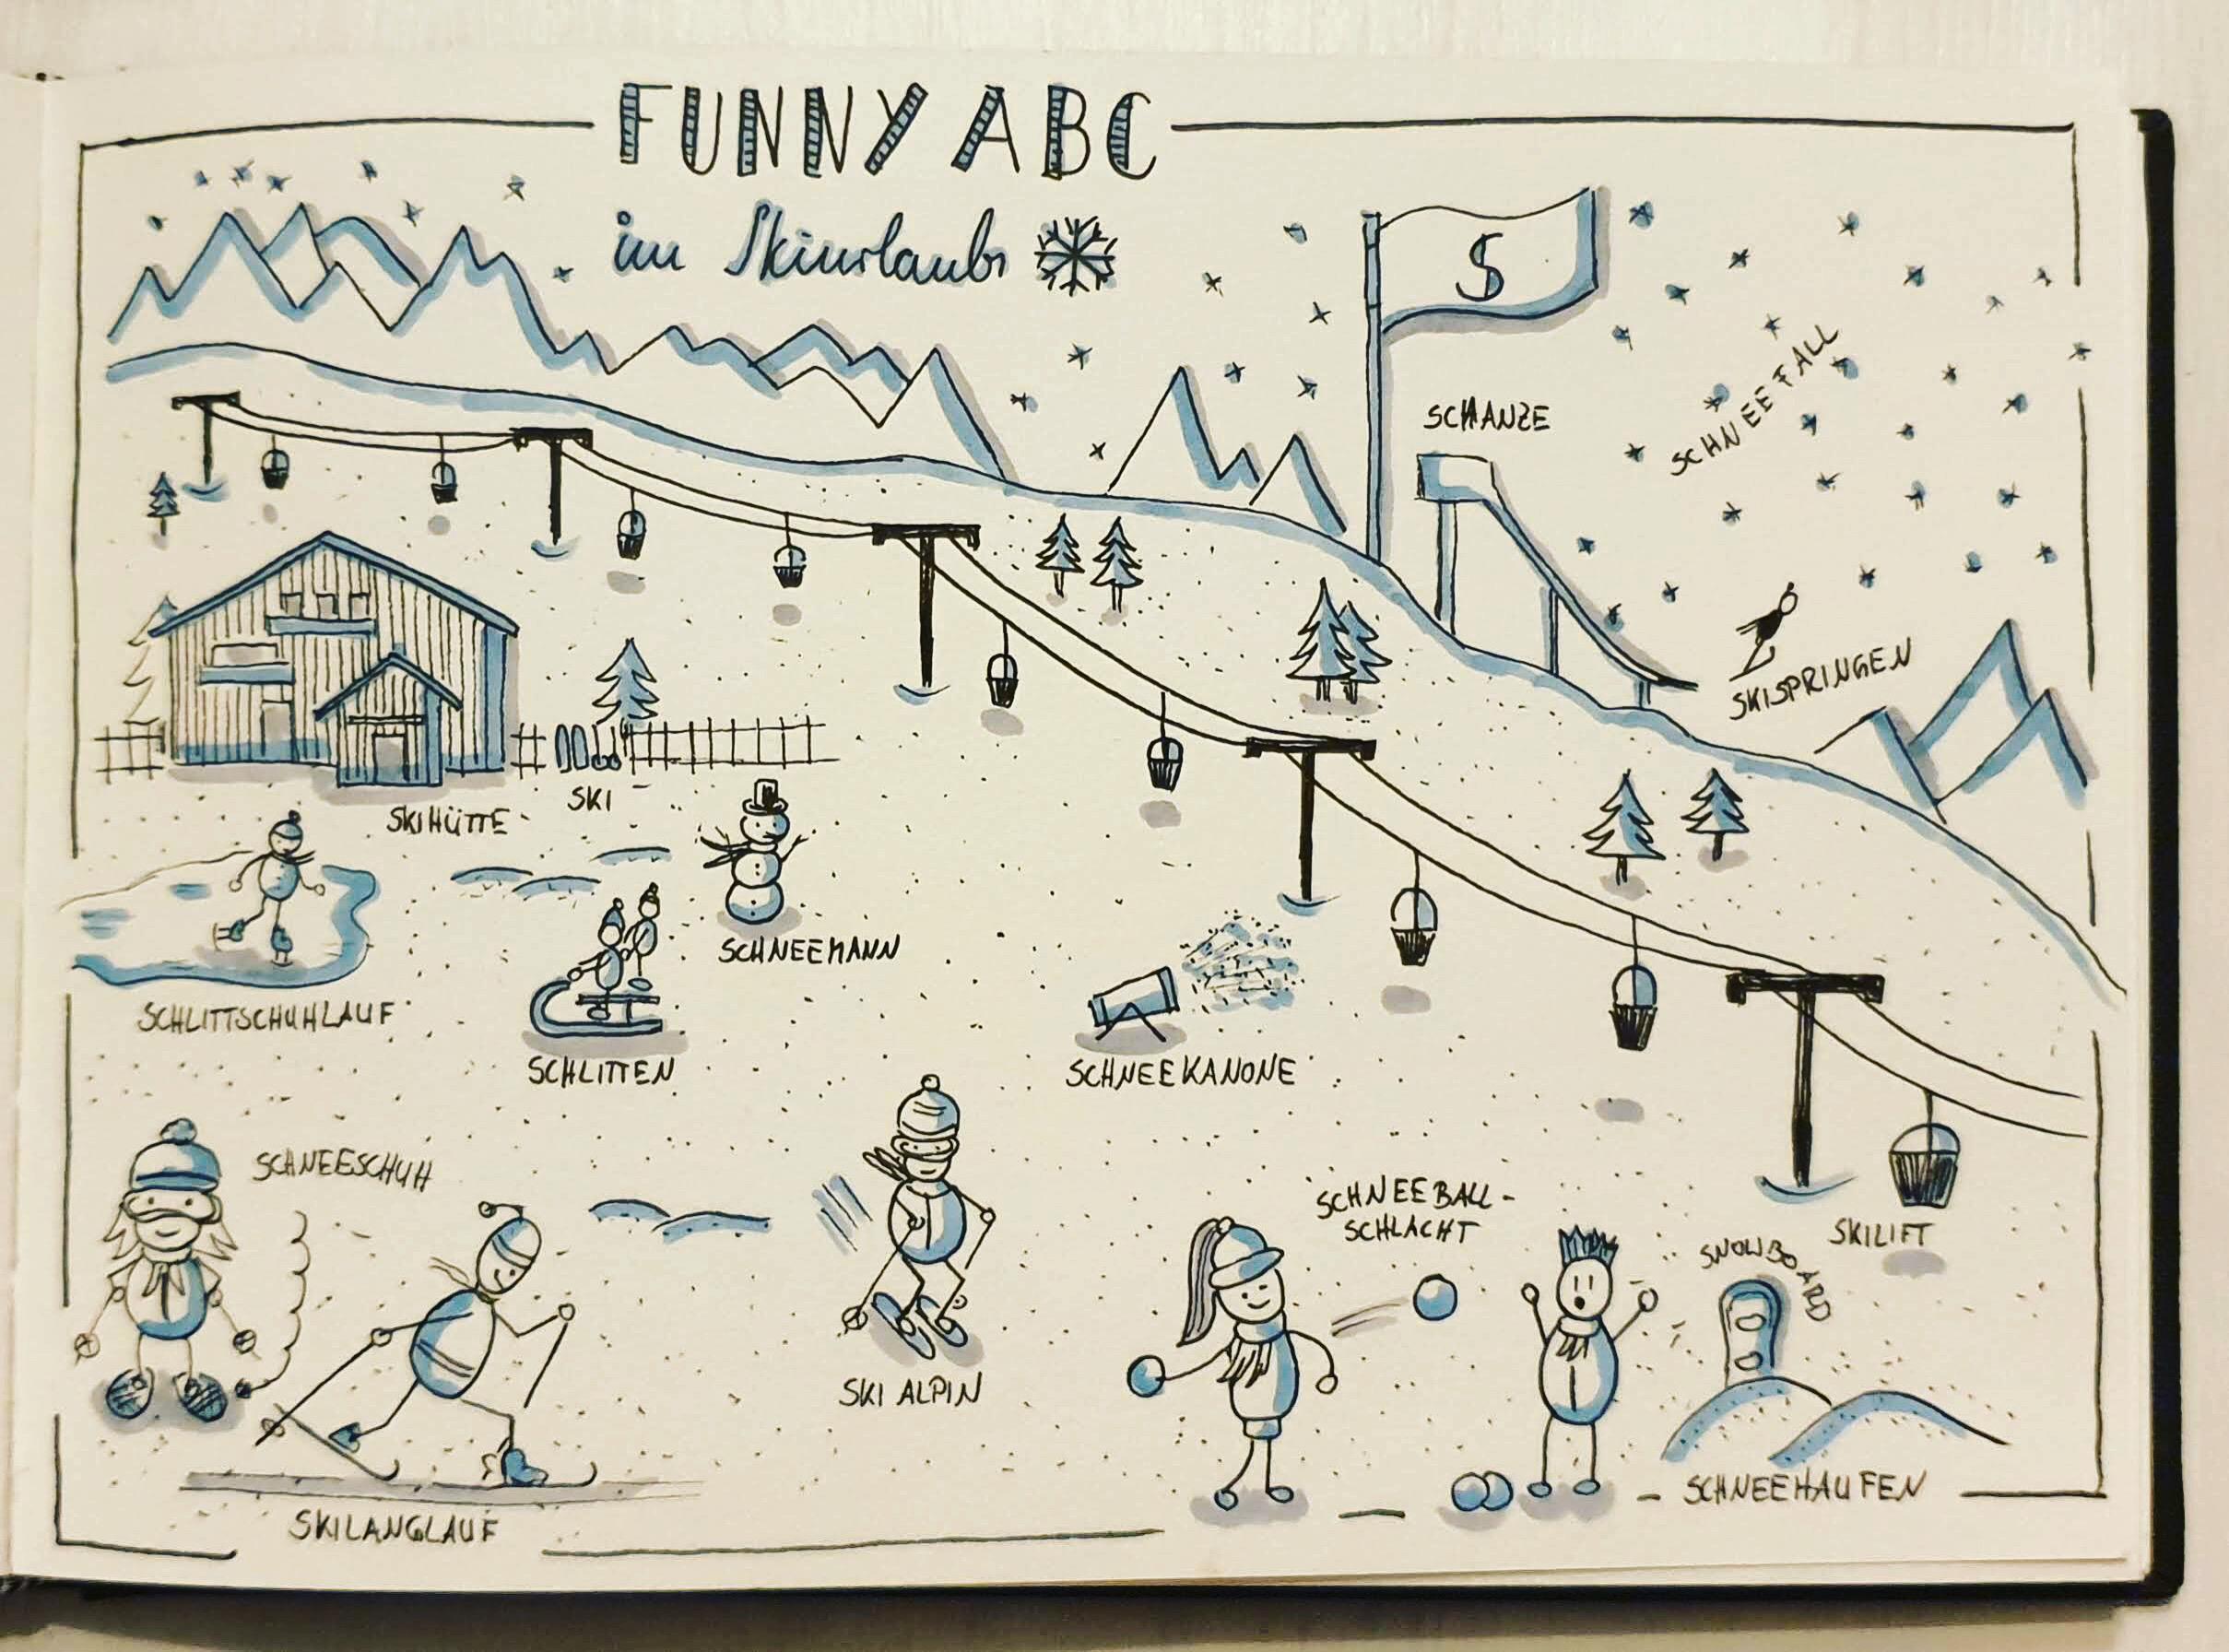 Sketchnotes Funny ABC - S